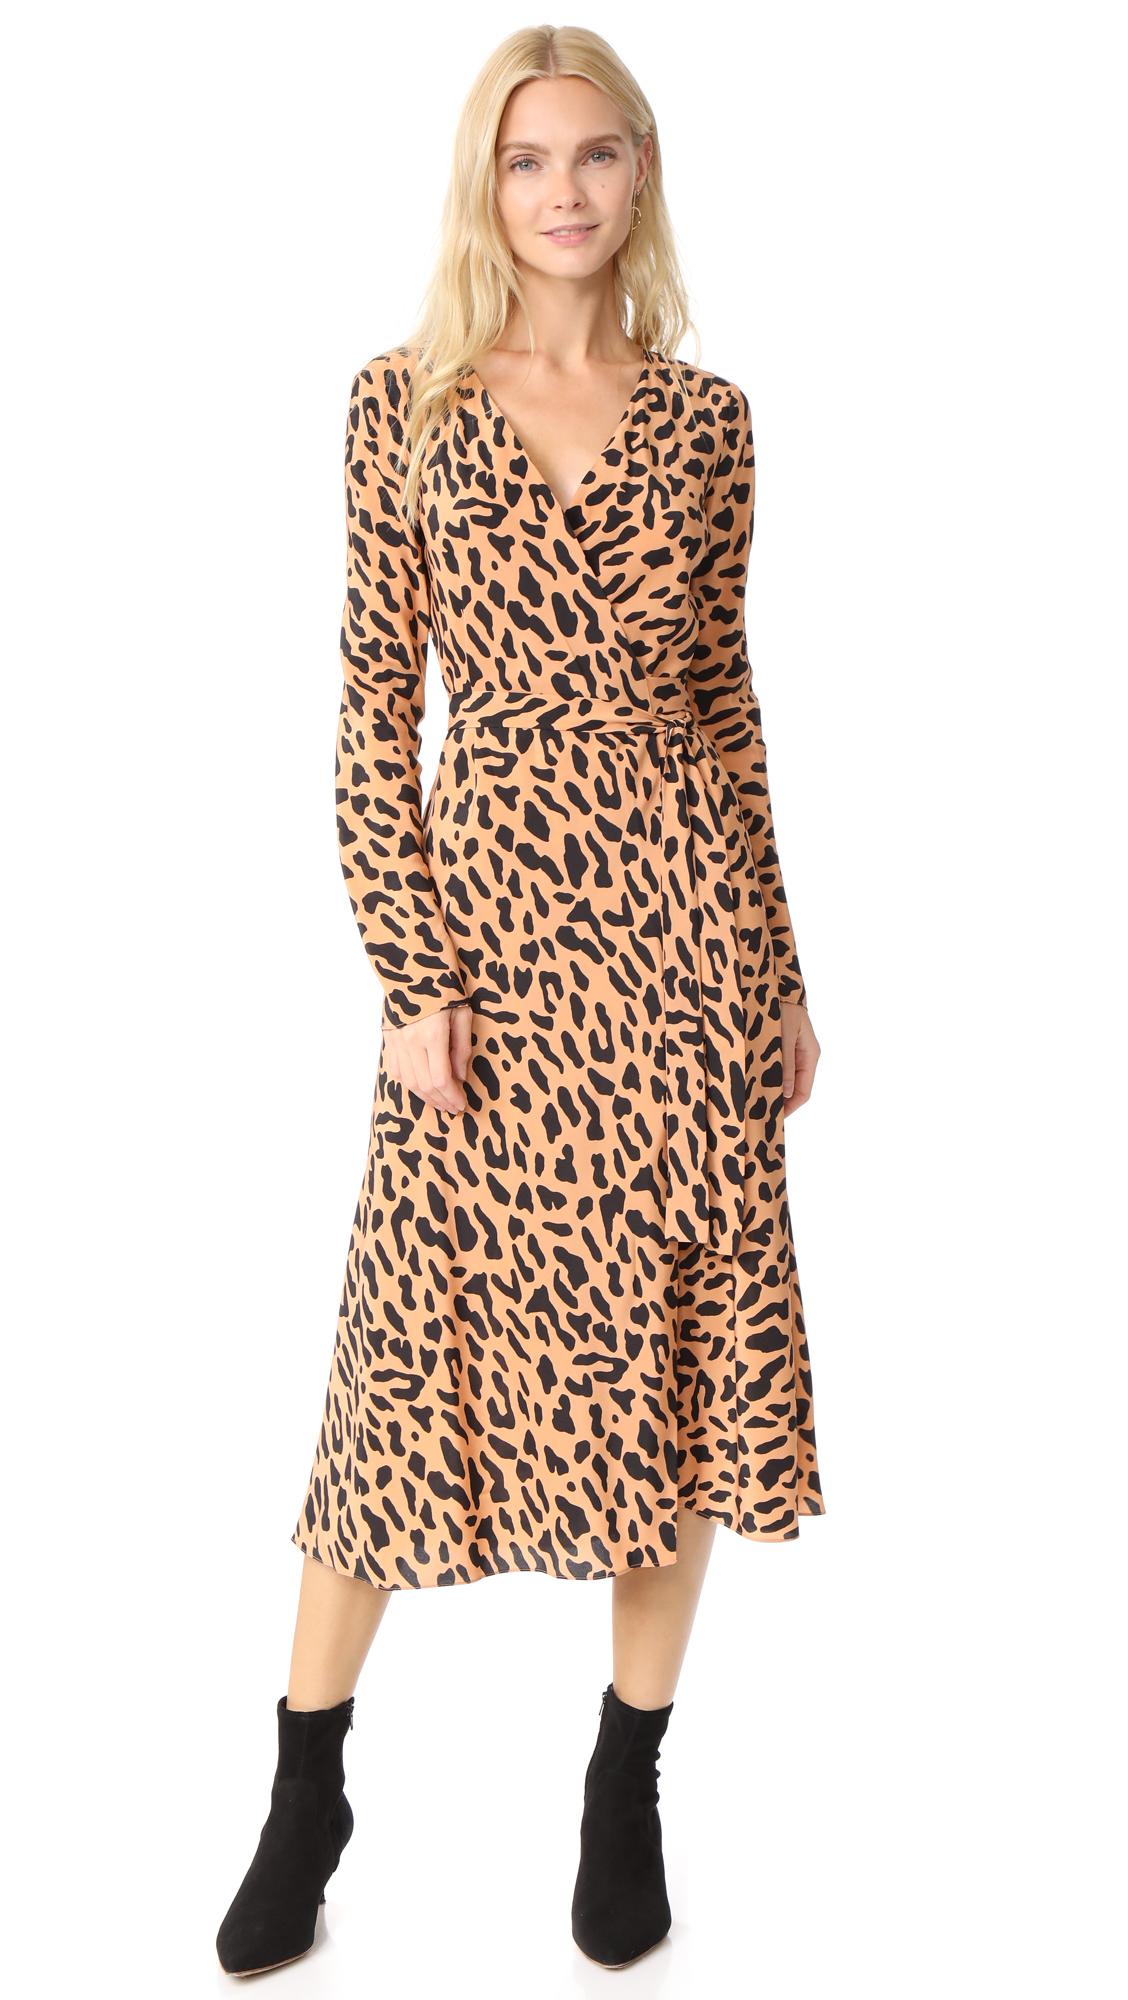 Diane von Furstenberg L / S Woven Wrap Dress - Belmont Camel